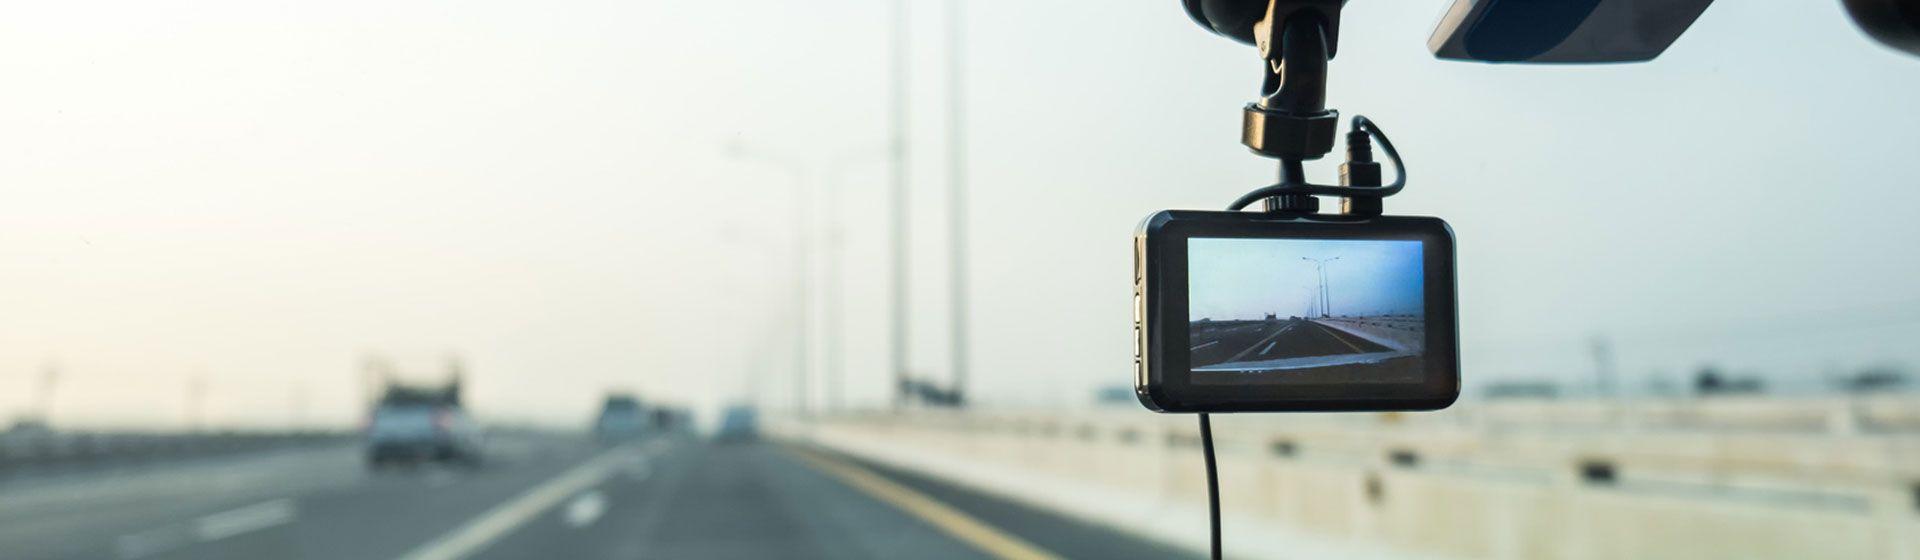 Kamera als Beweismittel bei Unfällen erlaubt